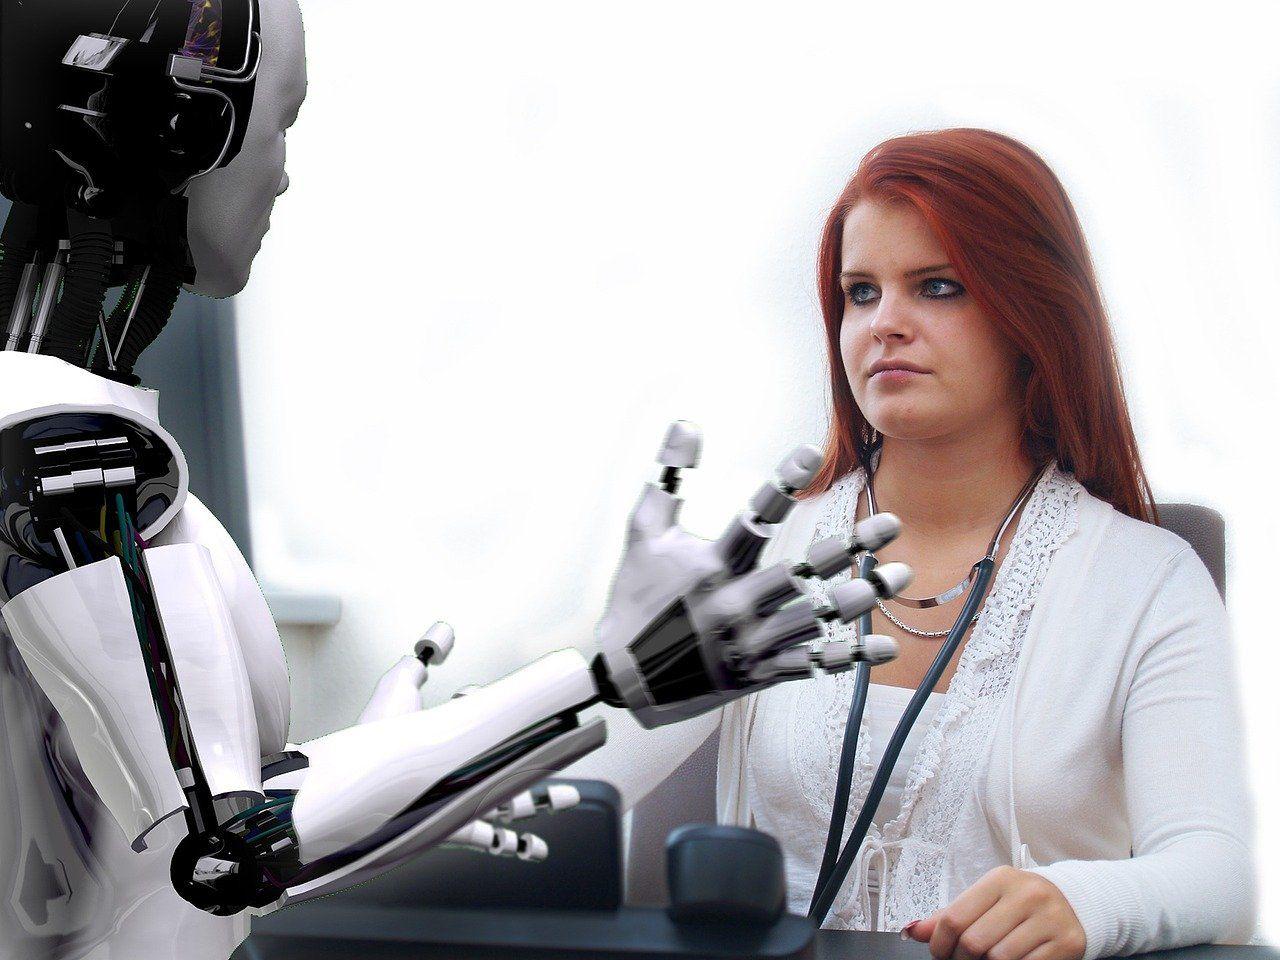 В России создали голосового робота для медицинских учреждений